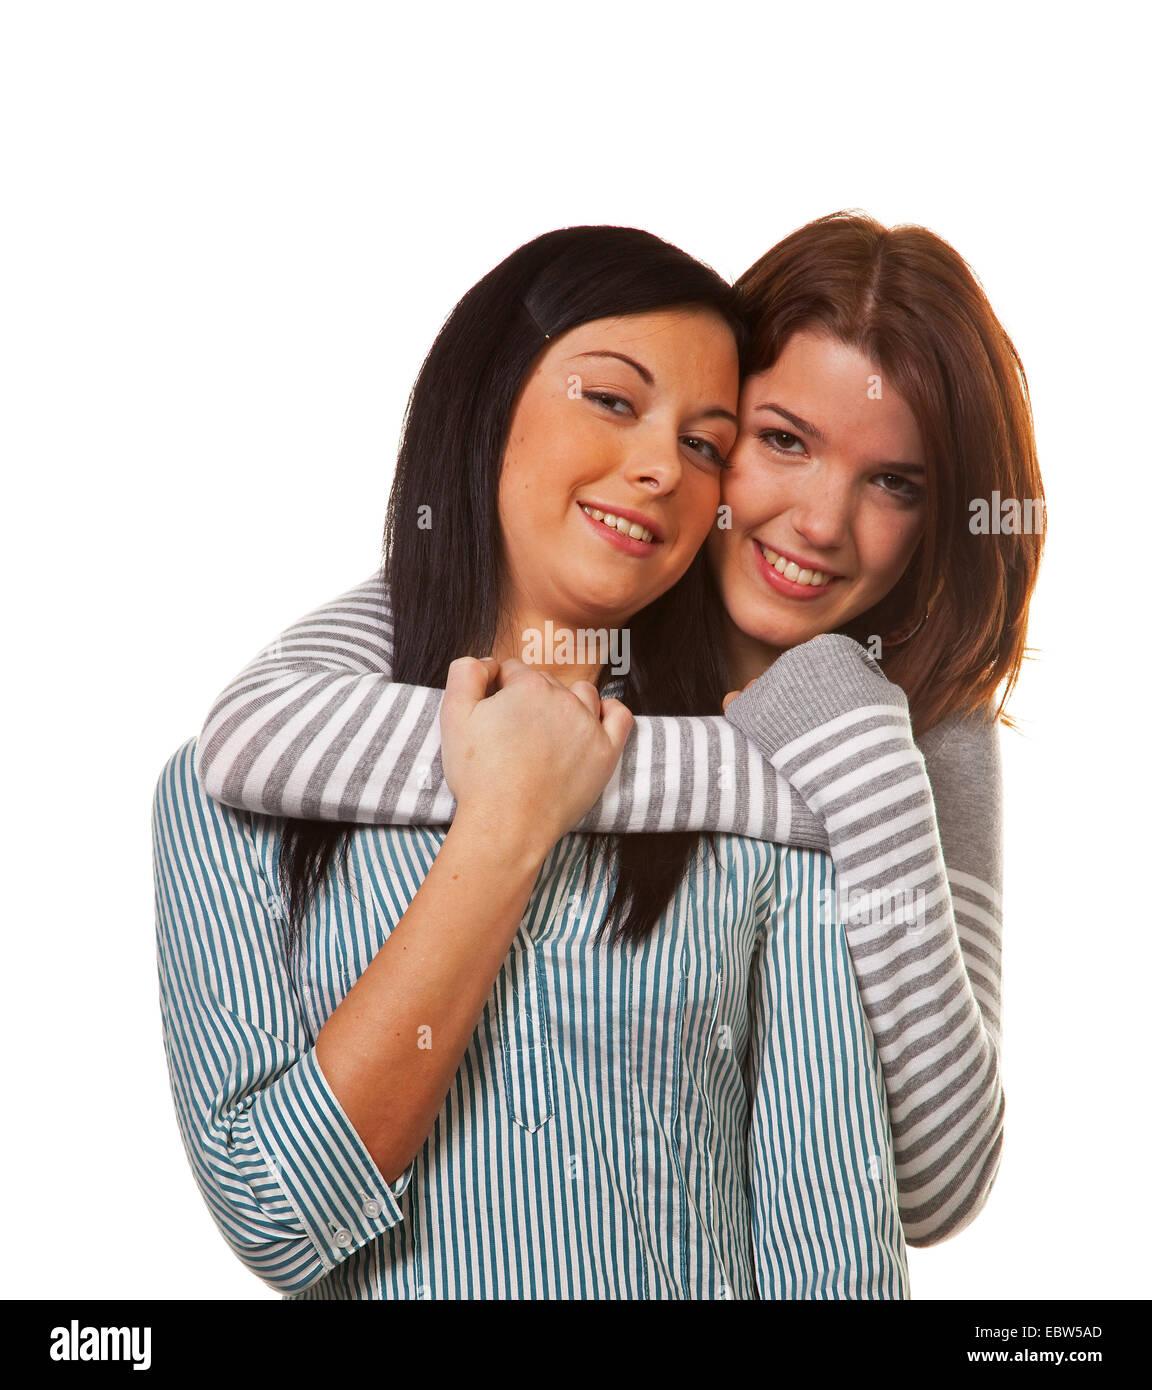 Zwei Junge Mädchen Umarmen Sich Freudig Und Bin Damit Einverstanden